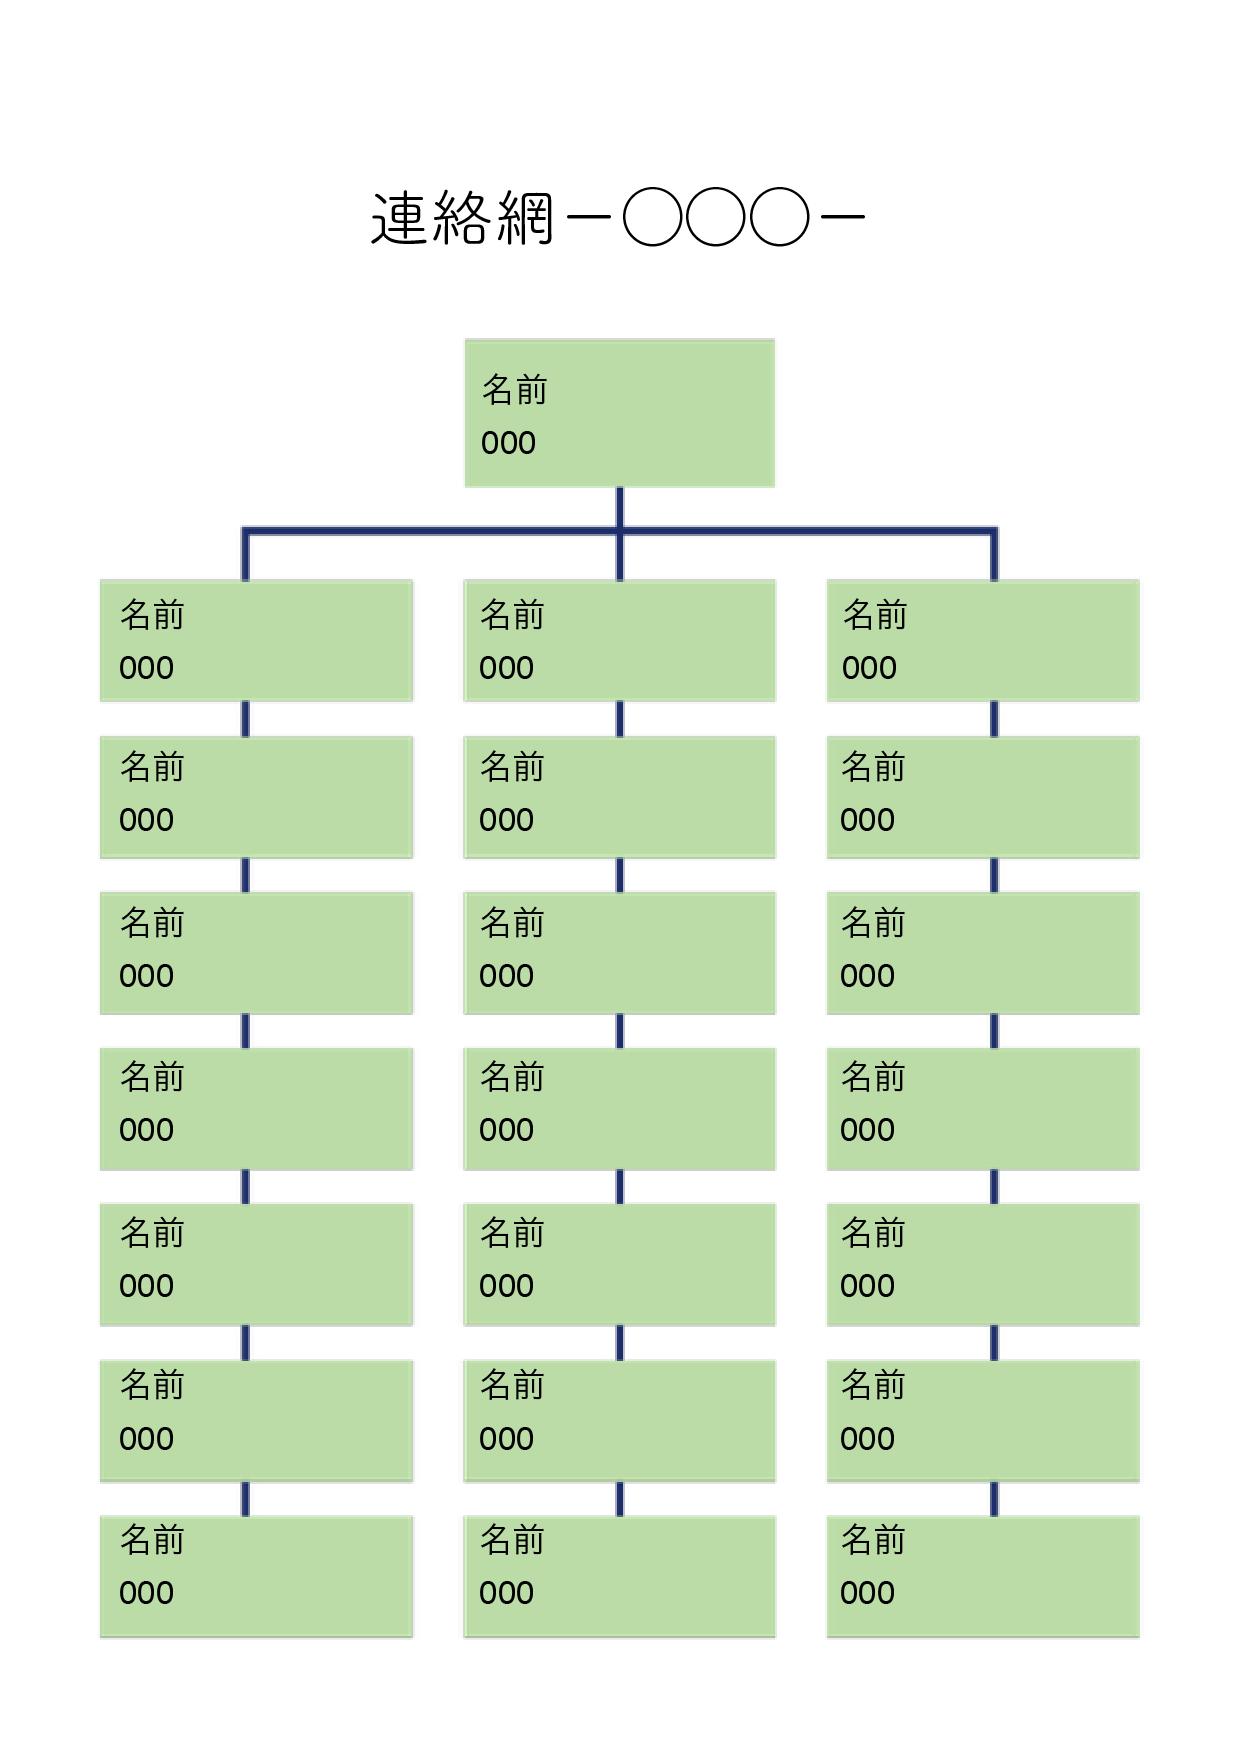 緊急連絡網 テンプレート(ワード・ページズ)21人分+1人(大元)グリーン